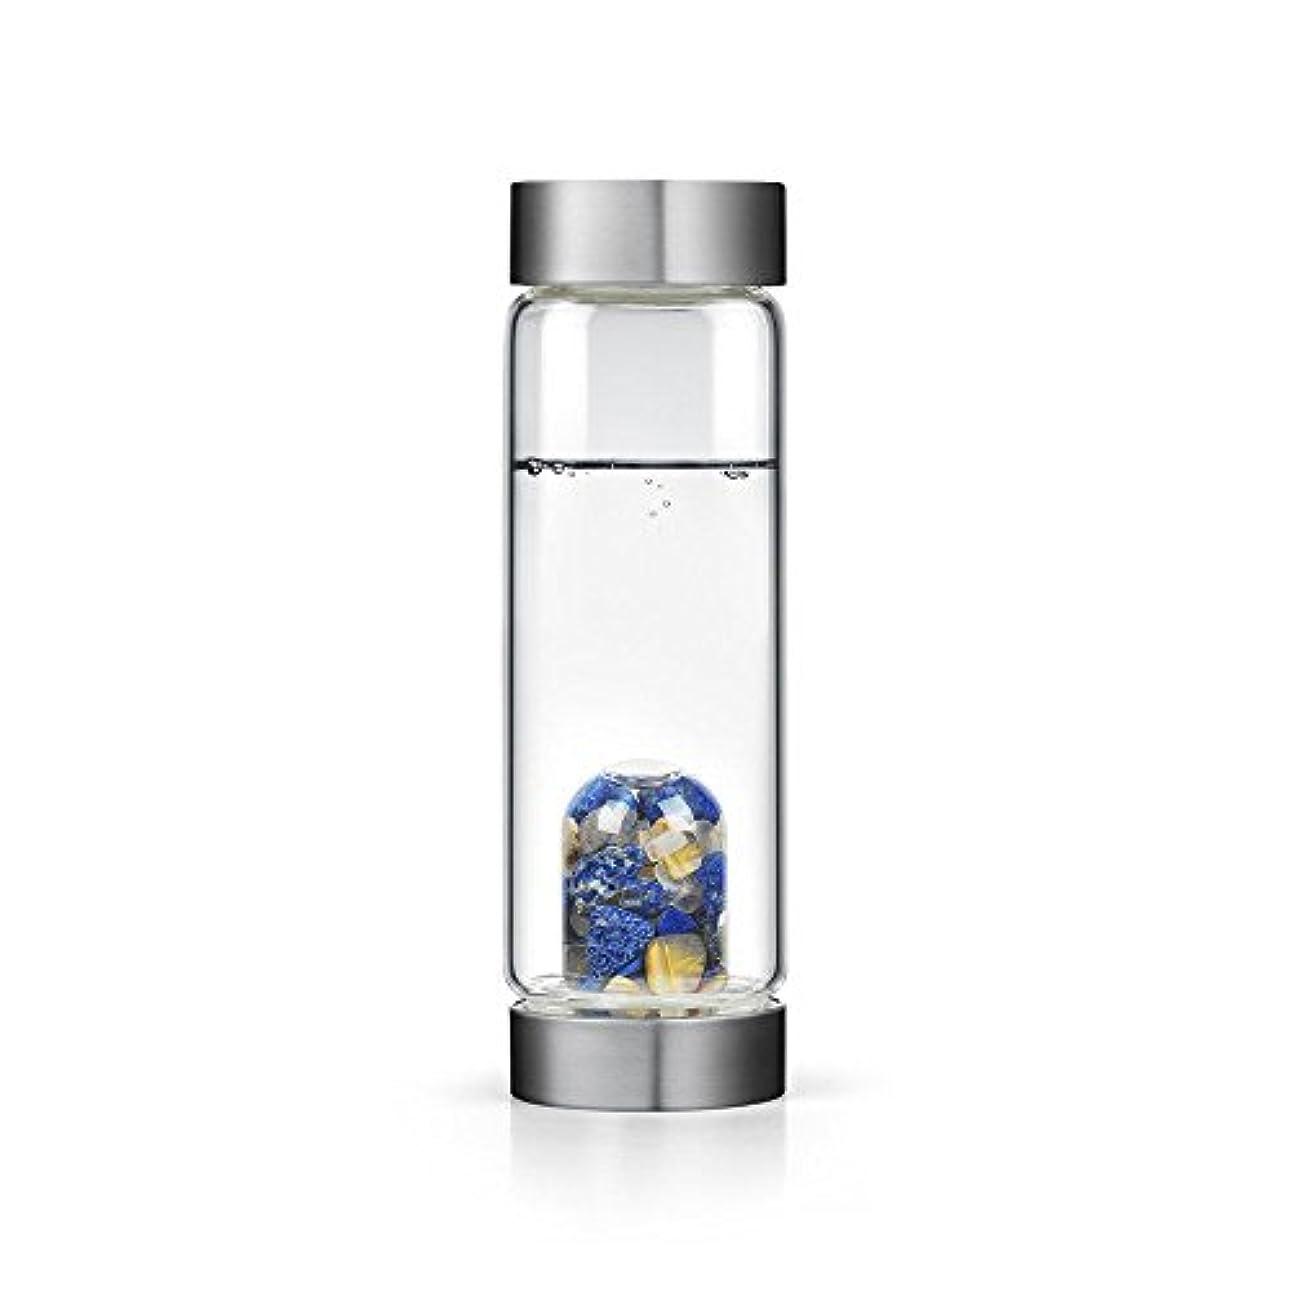 降下親密なロープインスピレーションgem-waterボトルby VitaJuwel W / Freeカリフォルニアホワイトセージバンドル 16.9 fl oz